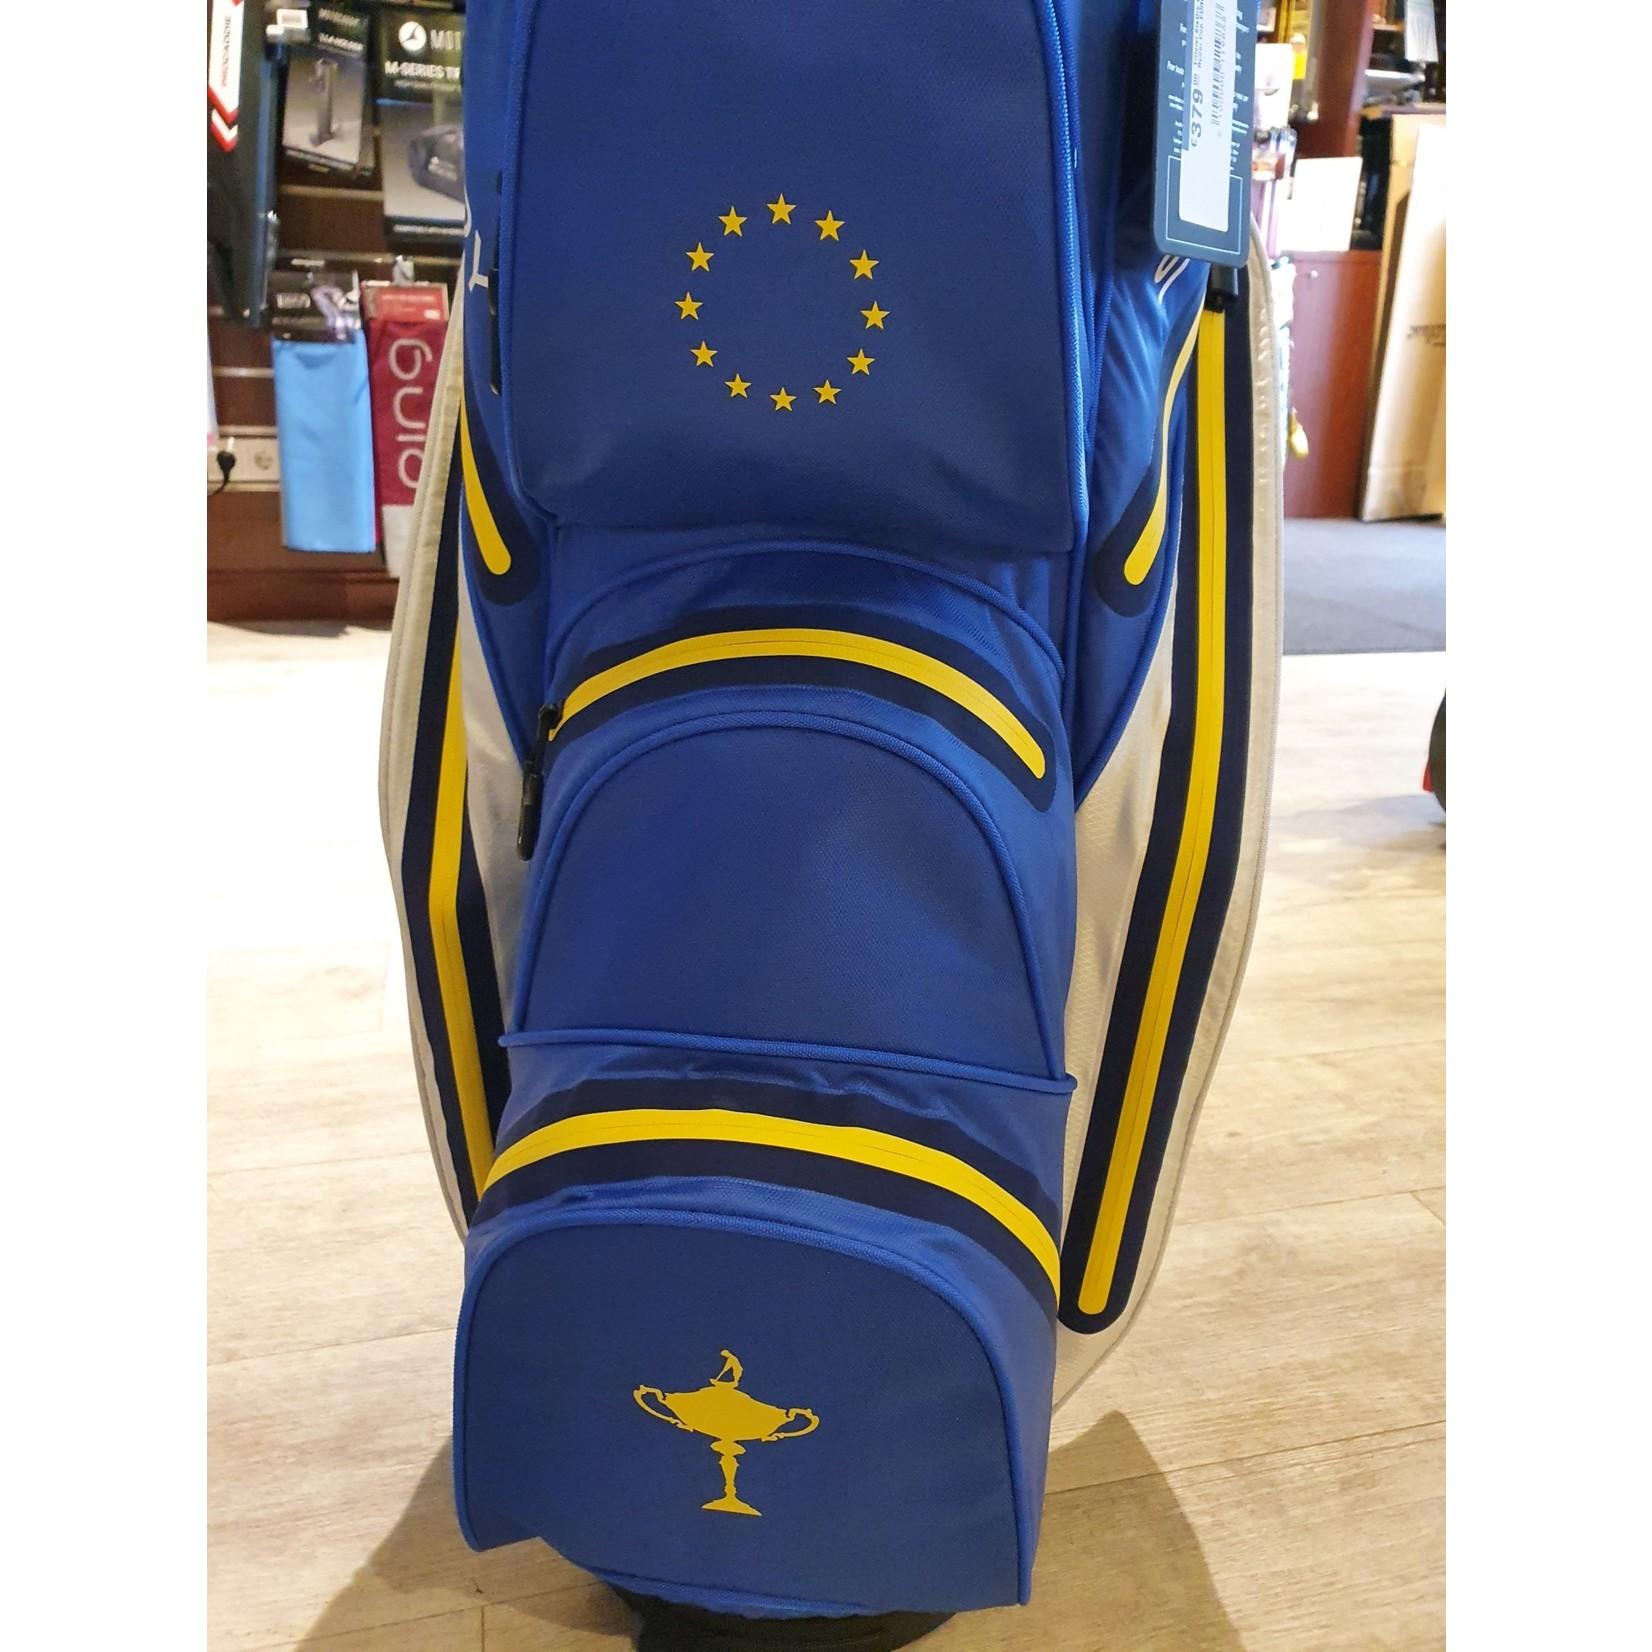 Titleist Titleist StaDry Cartbag Ryder Cup EUROPE